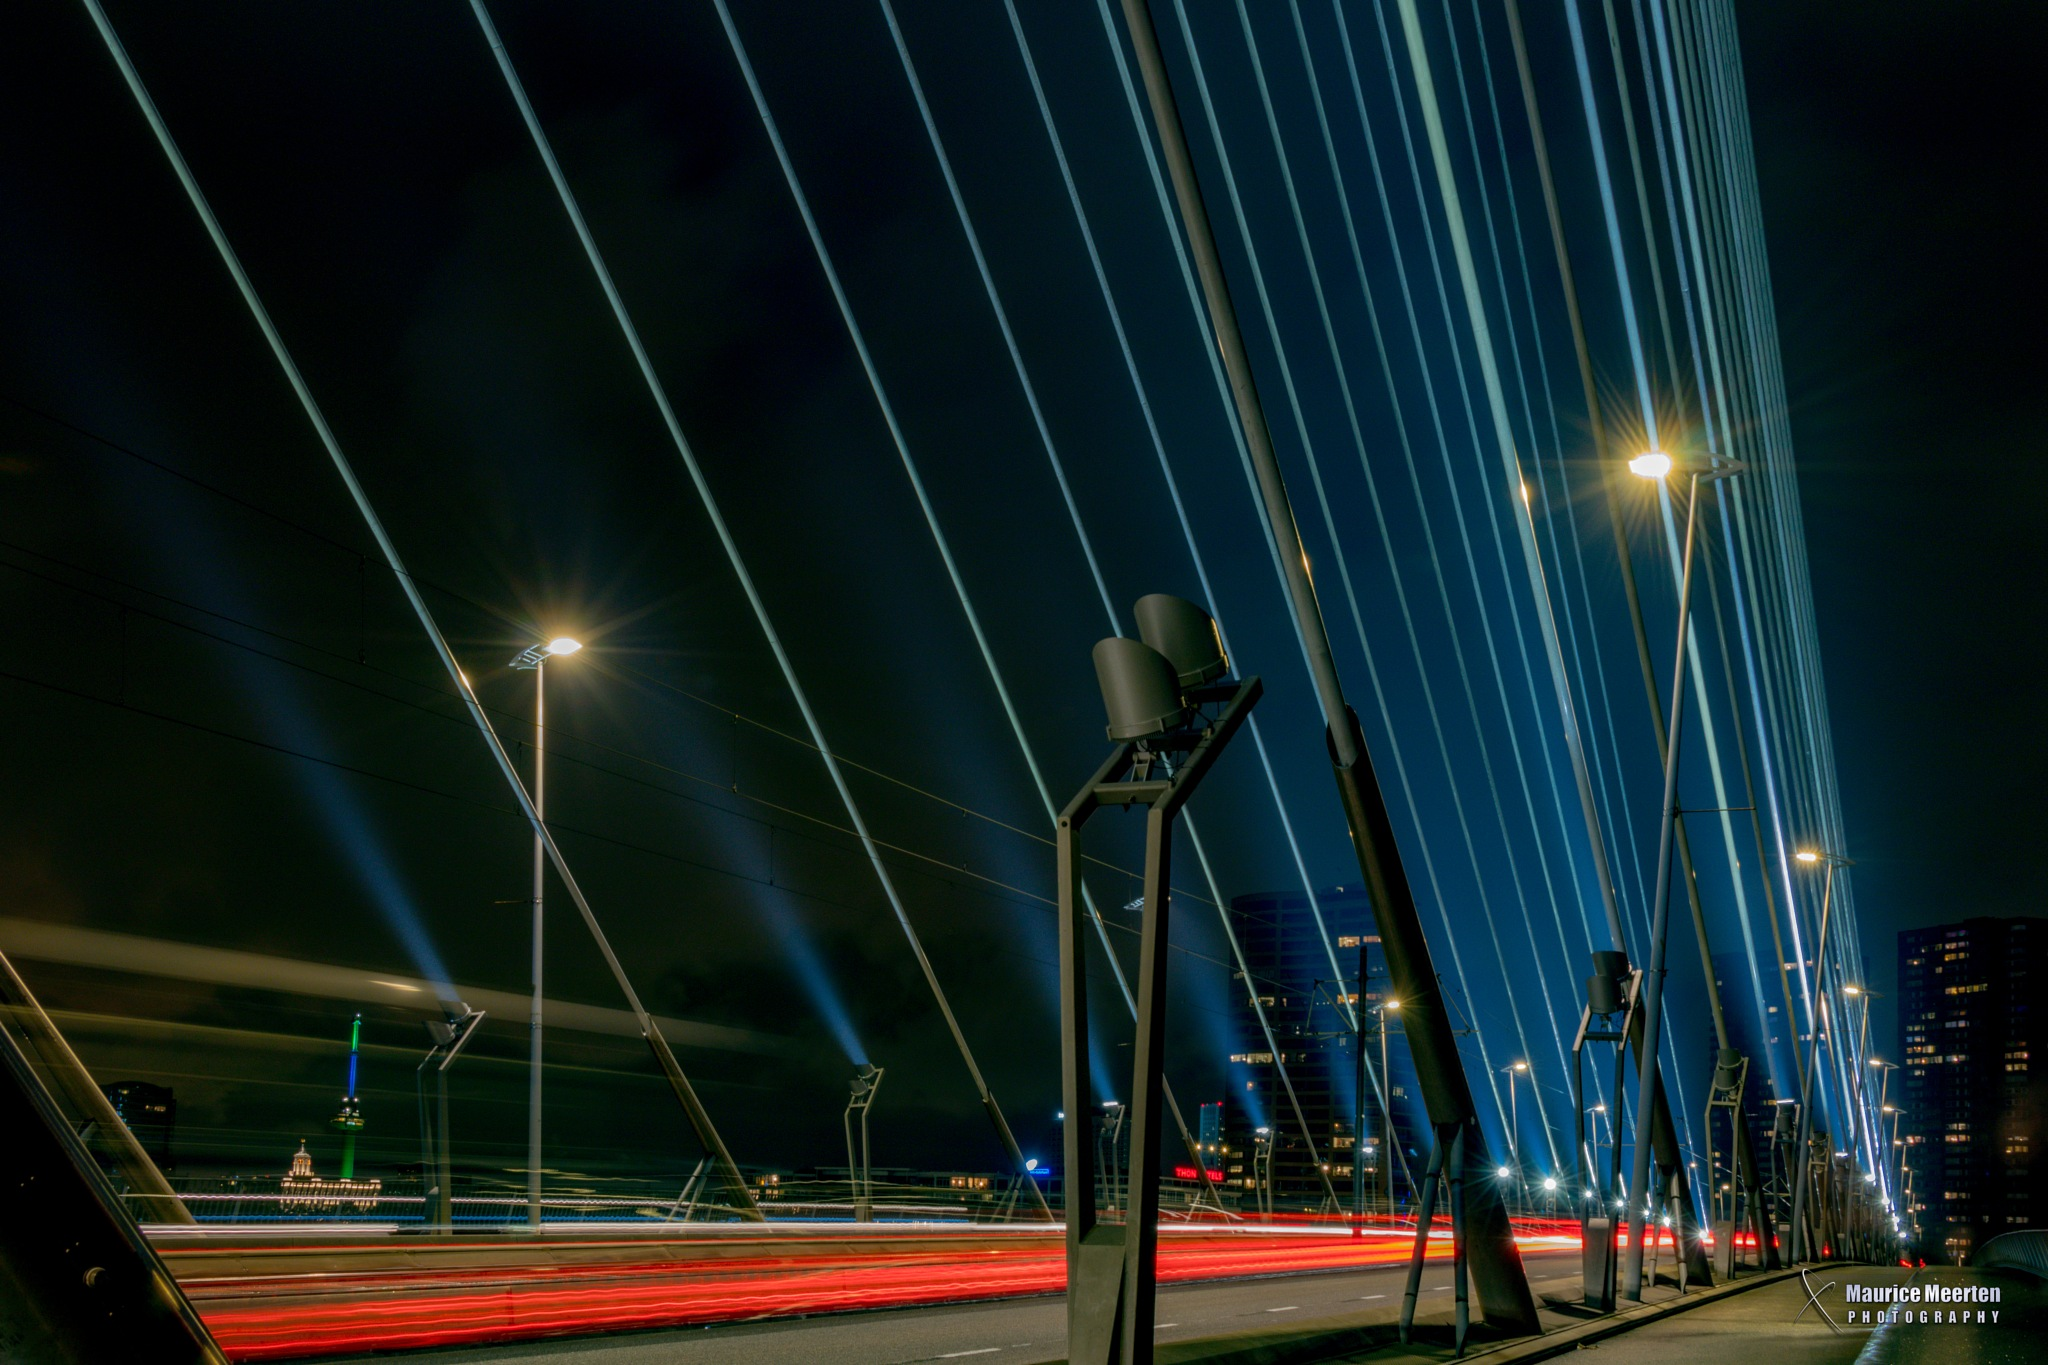 Rotterdam by night - Erasmus bridge by Maurice Meerten